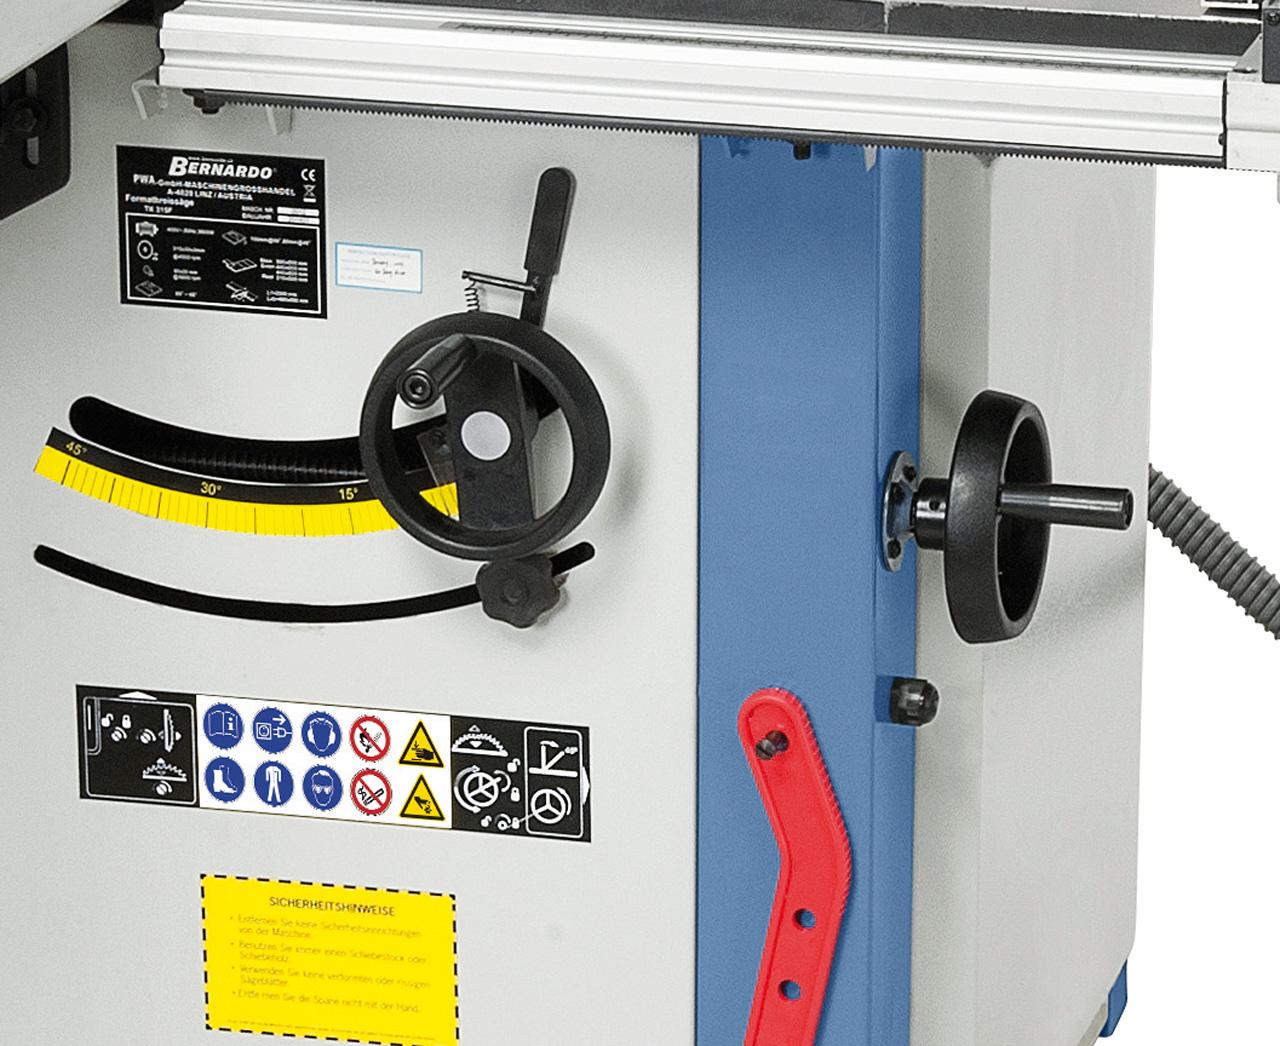 Die Verstellung des Sägeaggregates erfolgt durch ergonomisch angebrachte Handräder am Maschinenkörper